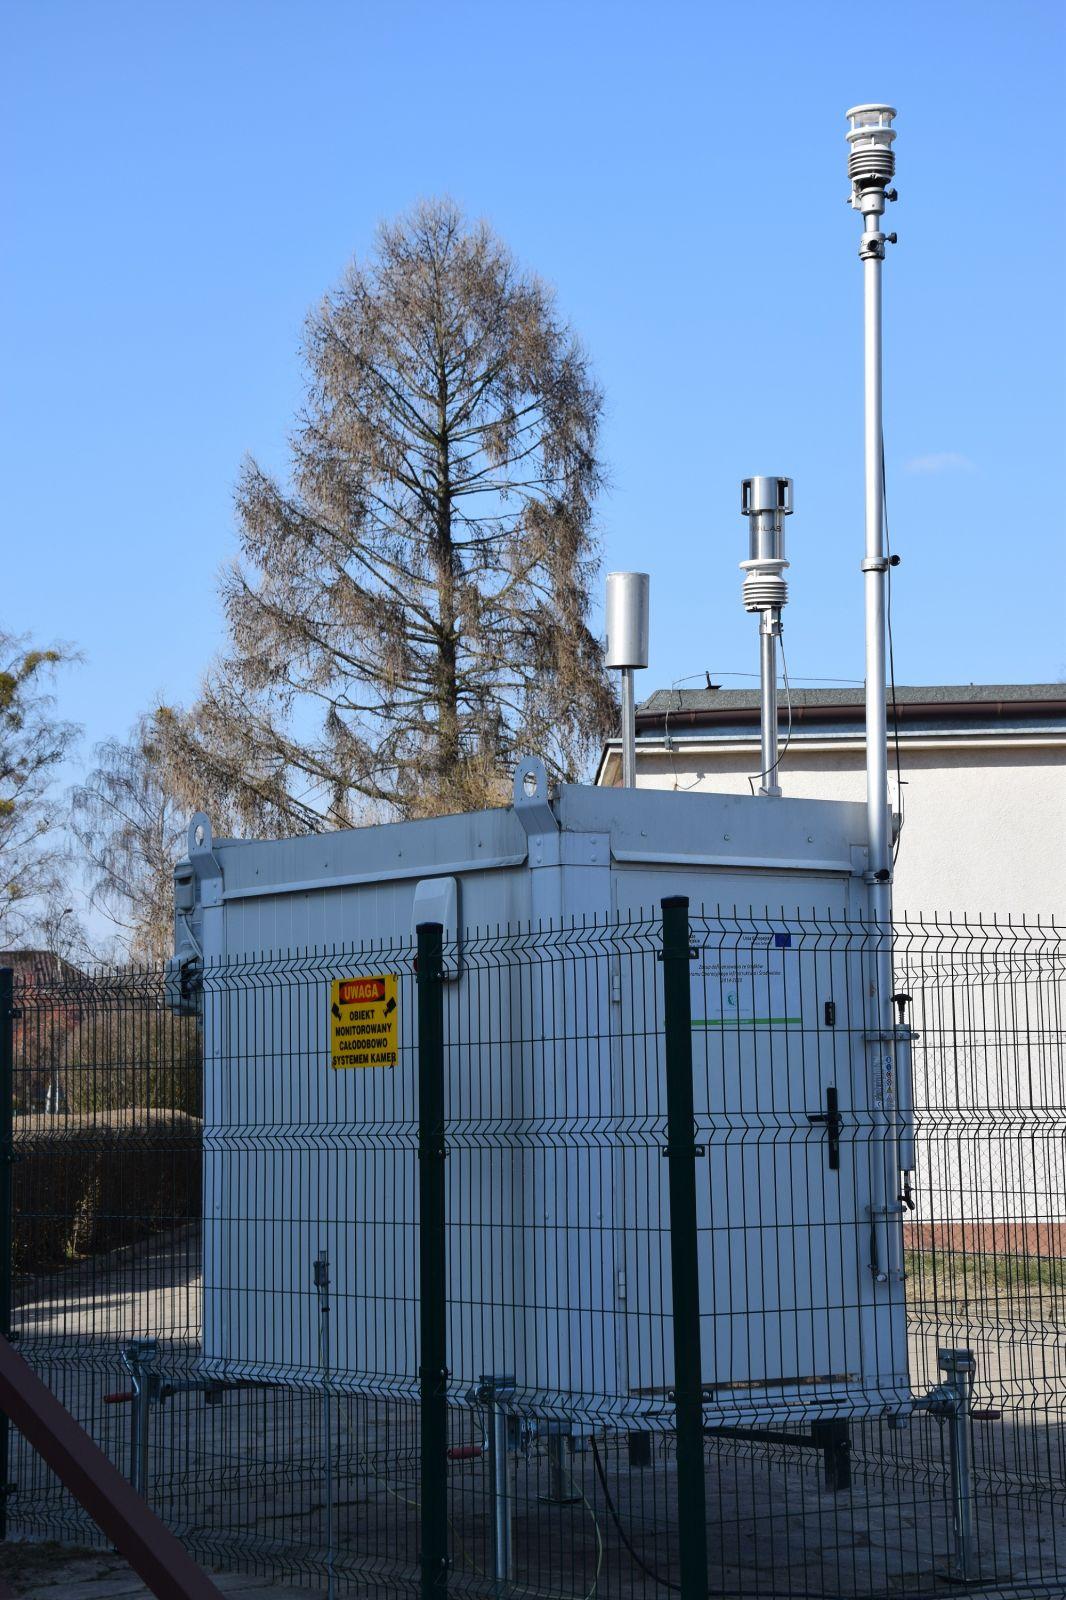 Stacja pomiarowa badająca jakość powietrza